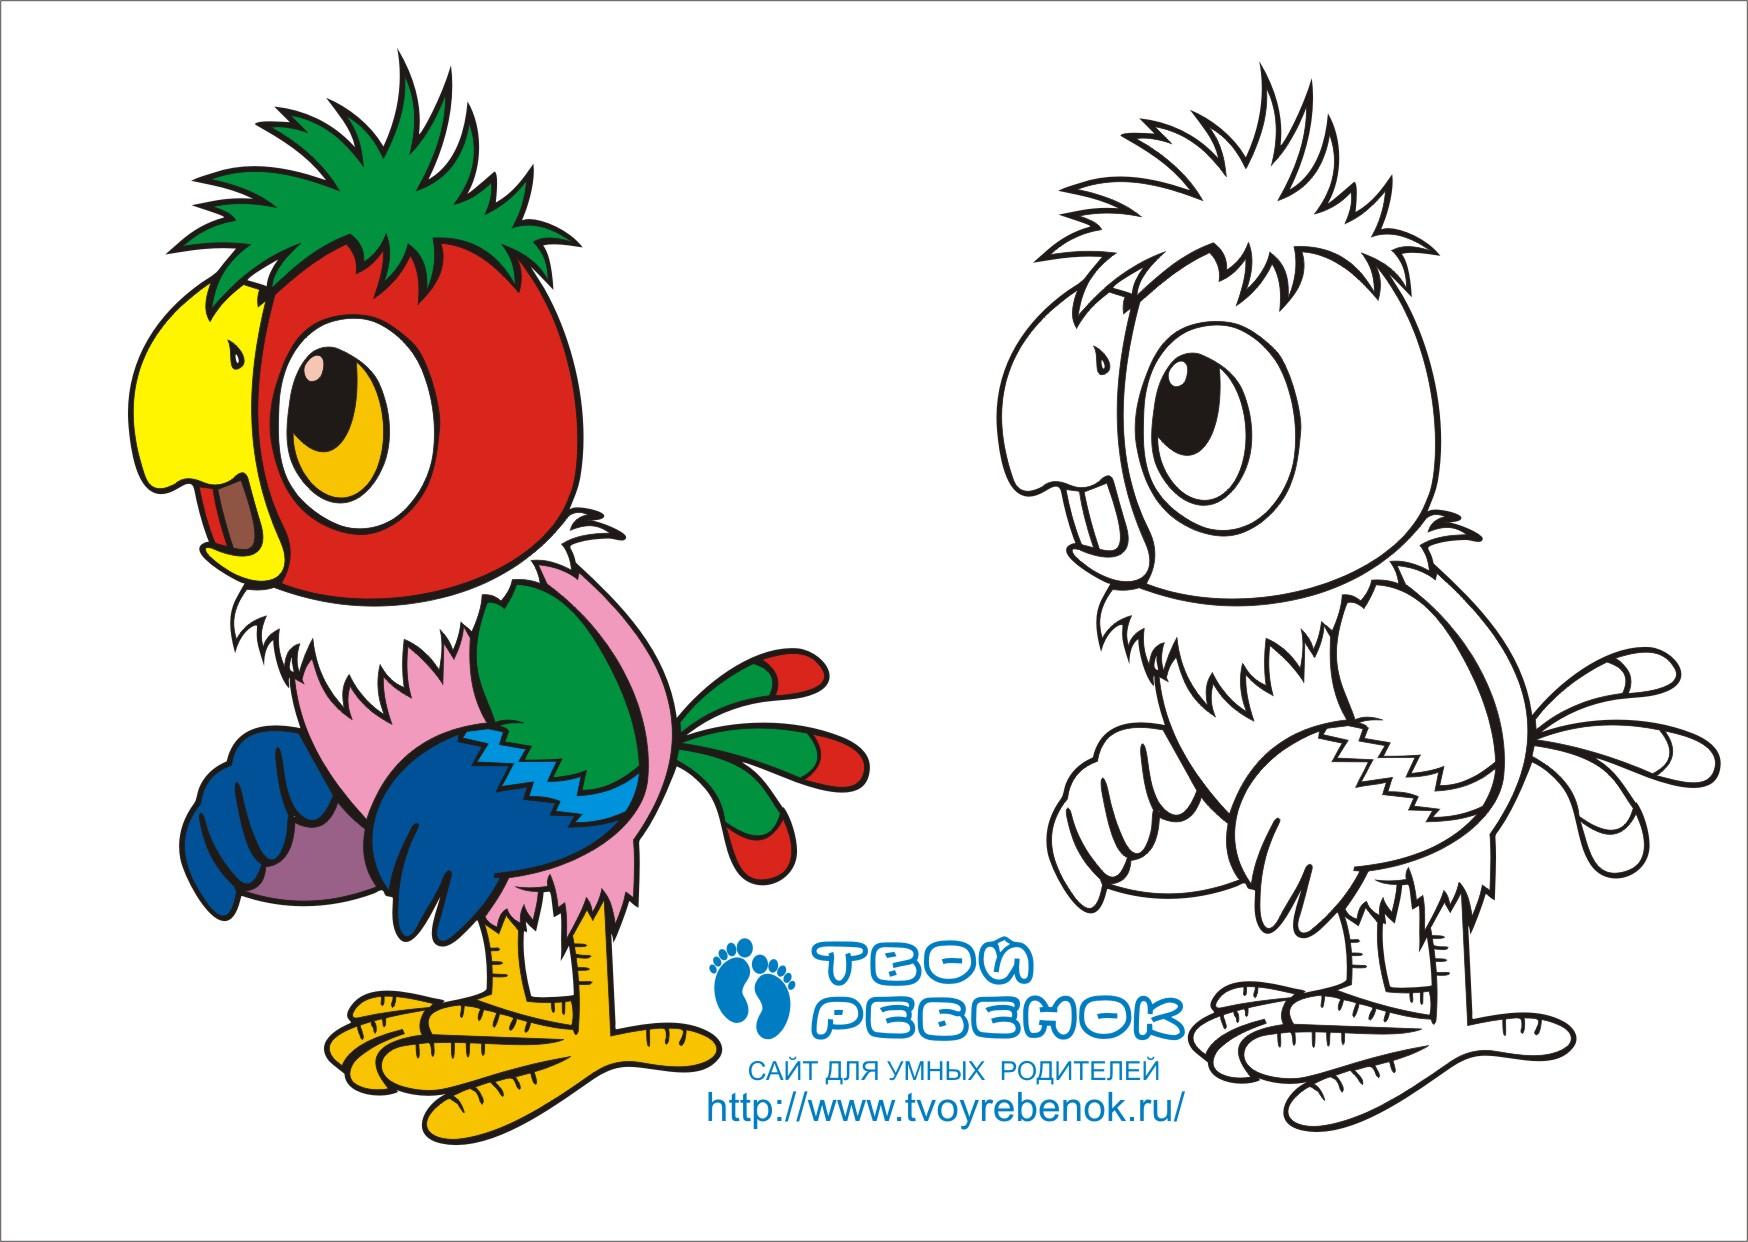 Попугай кеша рисованный